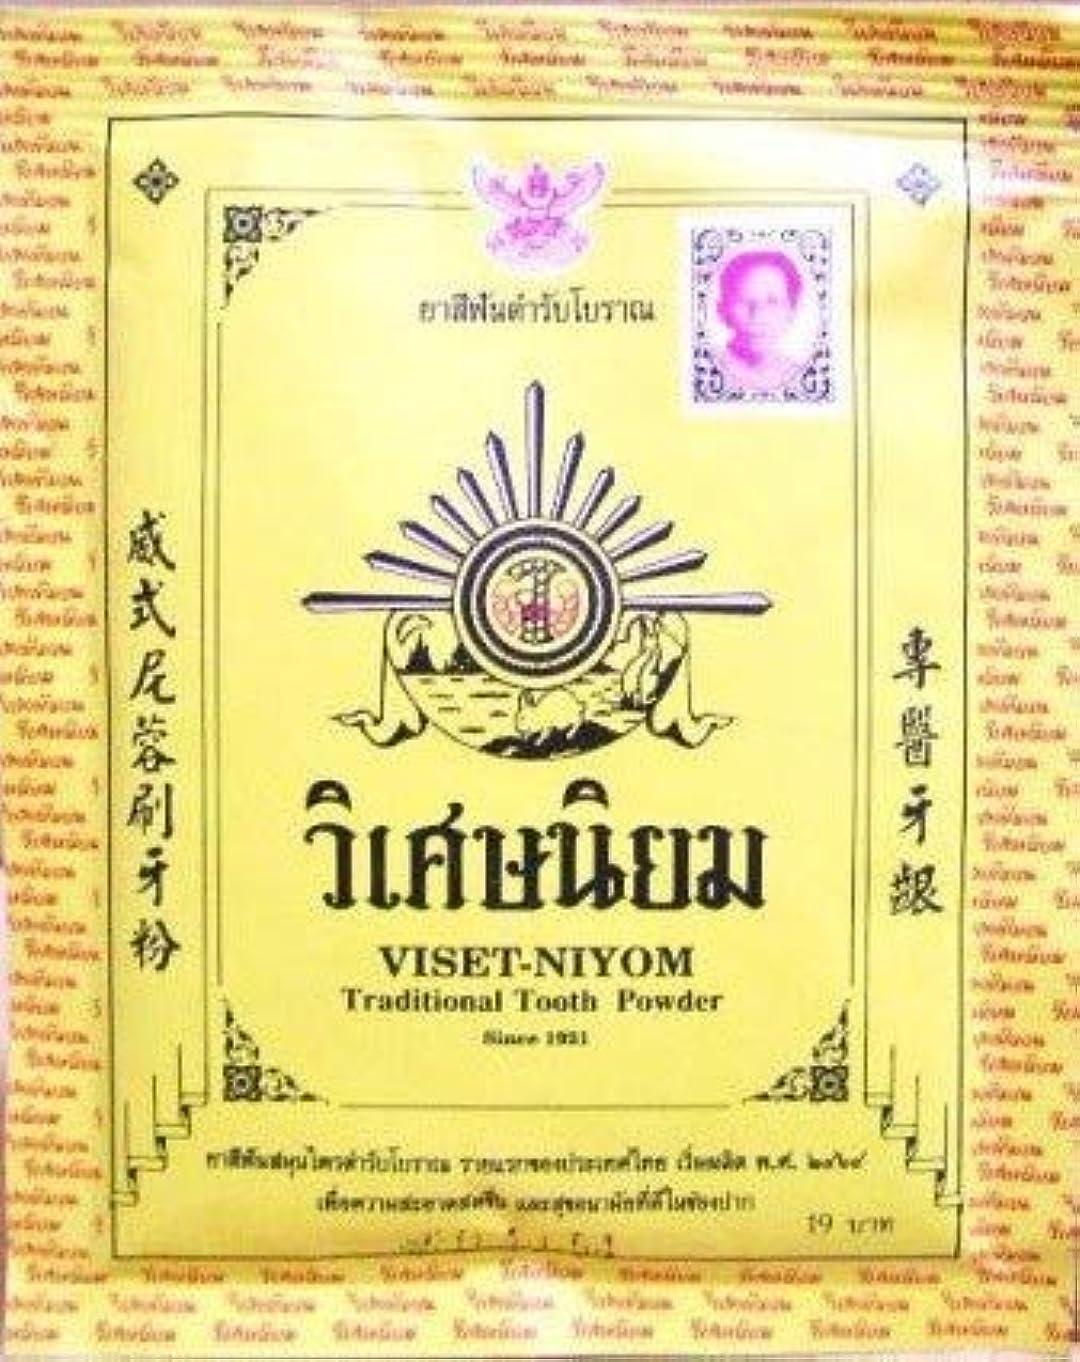 ハイキングに行く掘るプラグNi Yom Thai shop Viset Niyom Thailand Traditional Herbal Toothpaste Powder Reduce Plaque 40g pack of 3